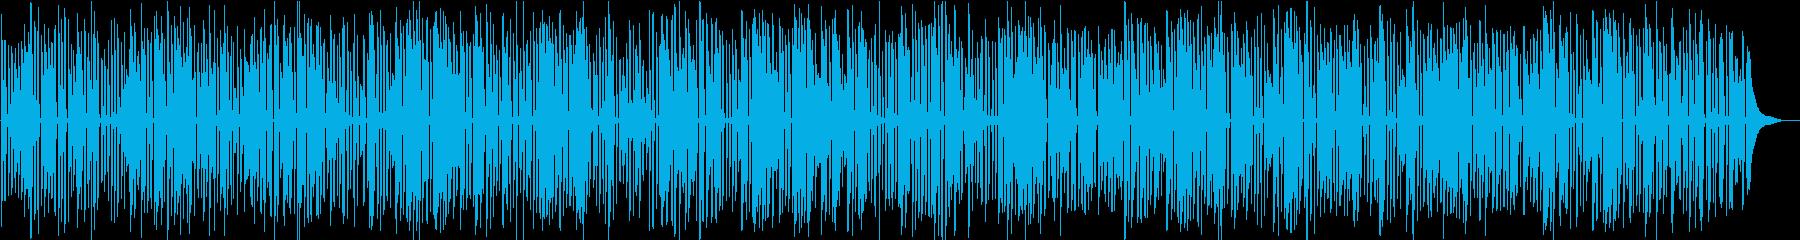 レトロな映像向けわくわくするジャズピアノの再生済みの波形